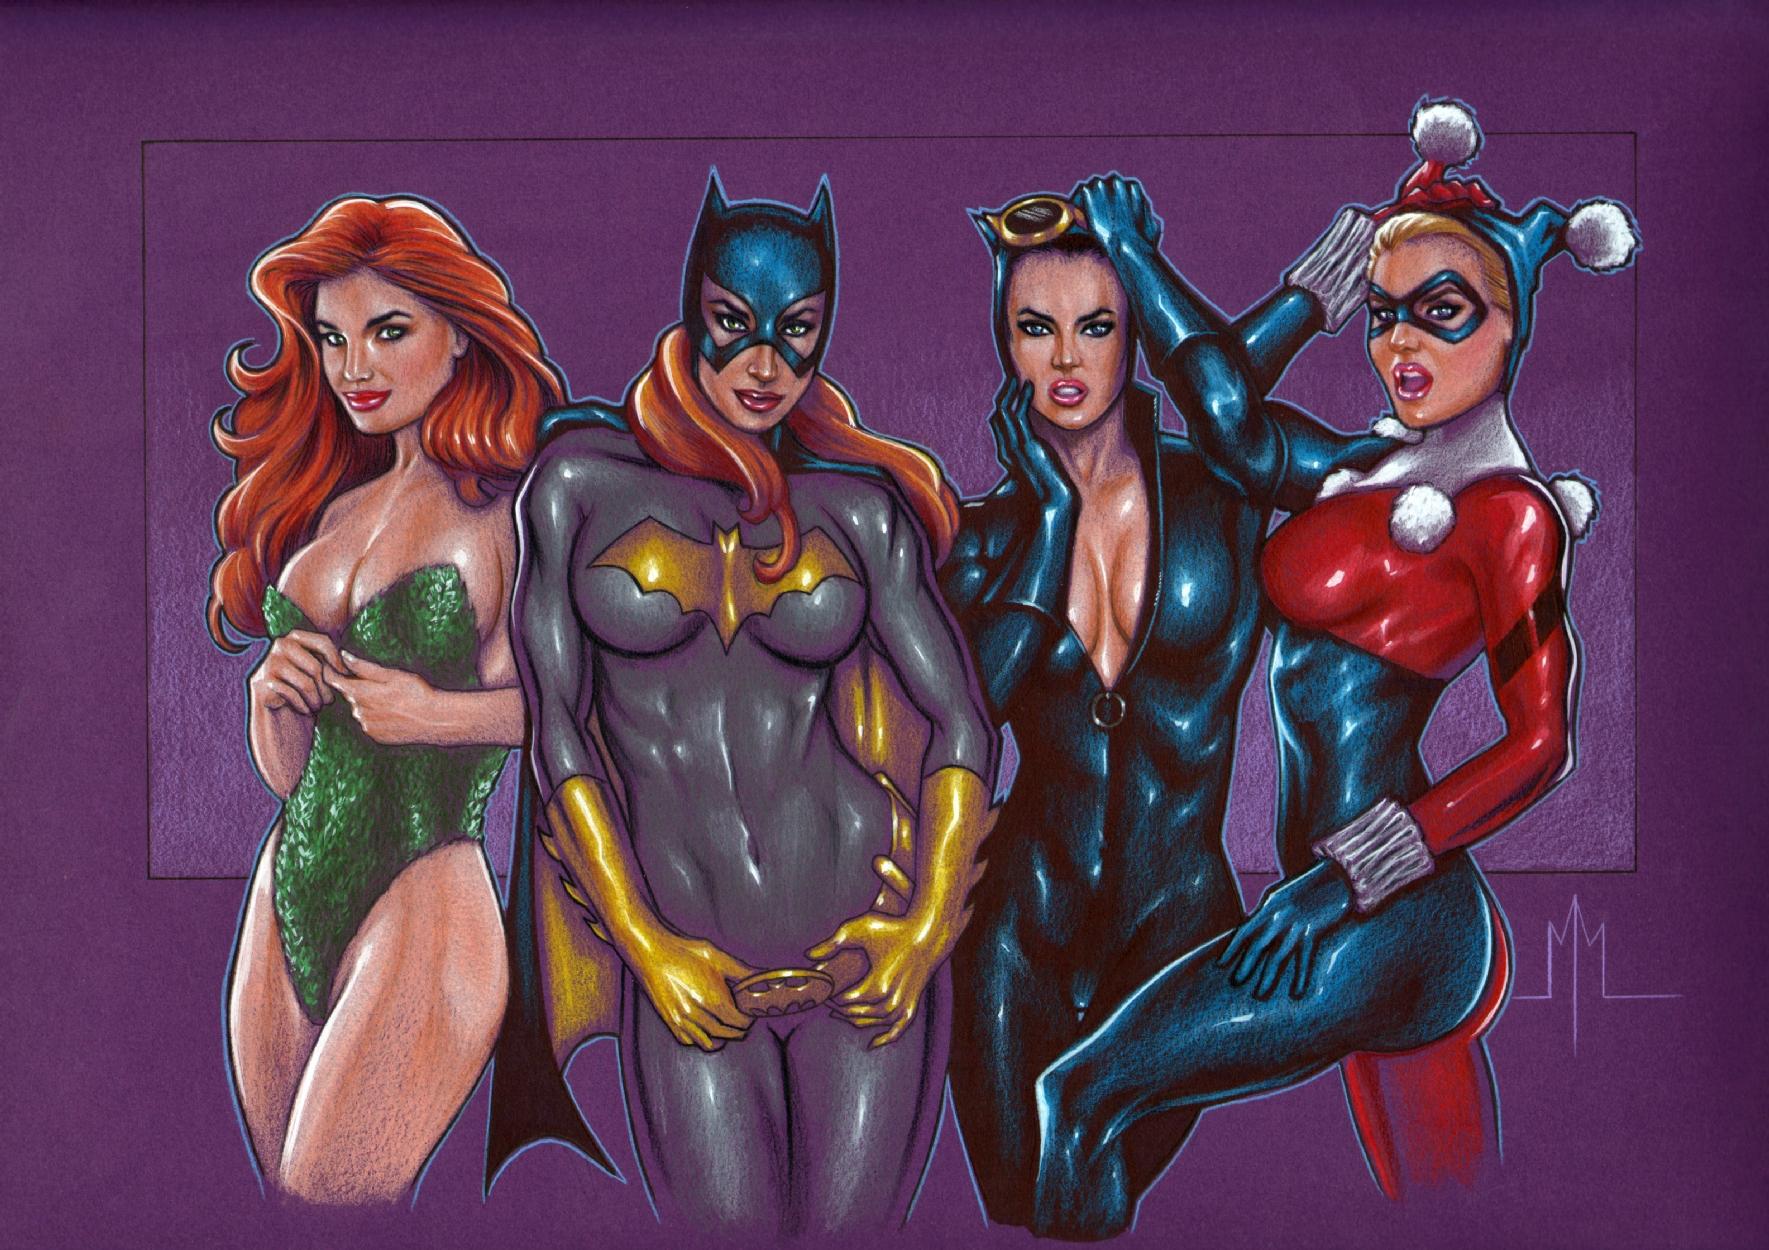 Секс с бетвенам, Бэтмен - бесплатное порно онлайн, смотреть видео ролики 4 фотография